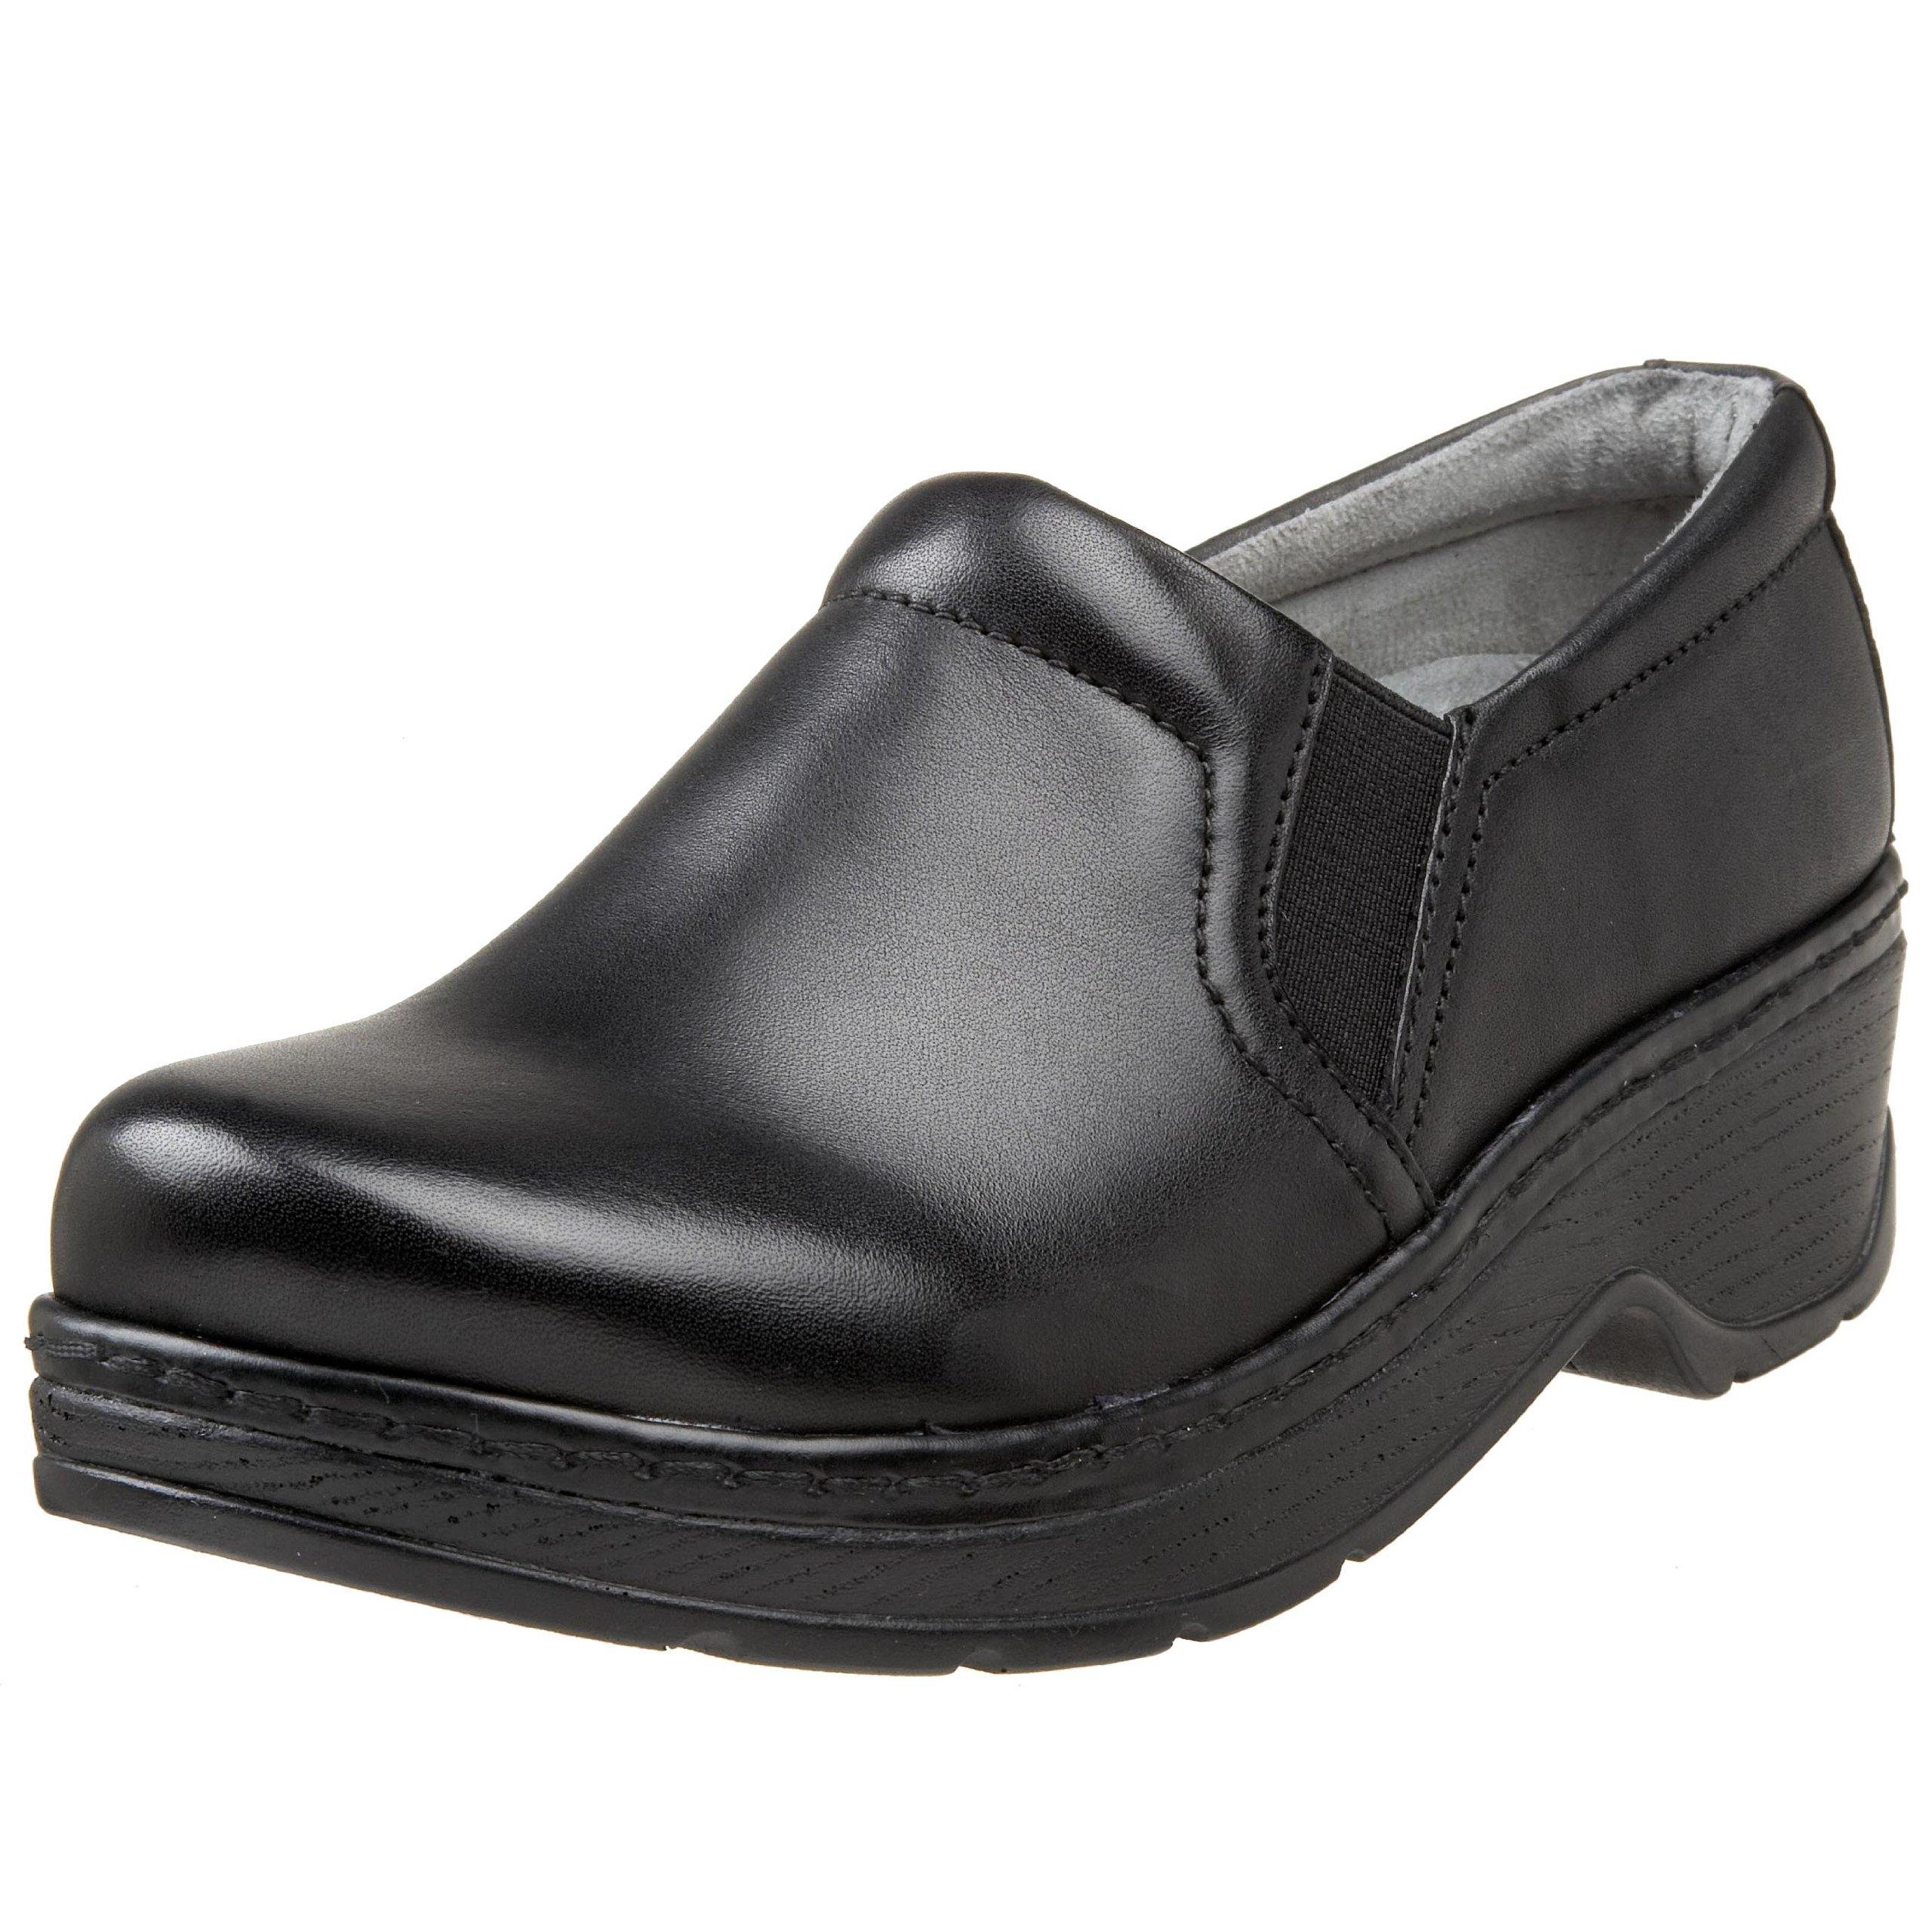 Klogs Unisex Naples Black Leather Shoes - 13 W (E)